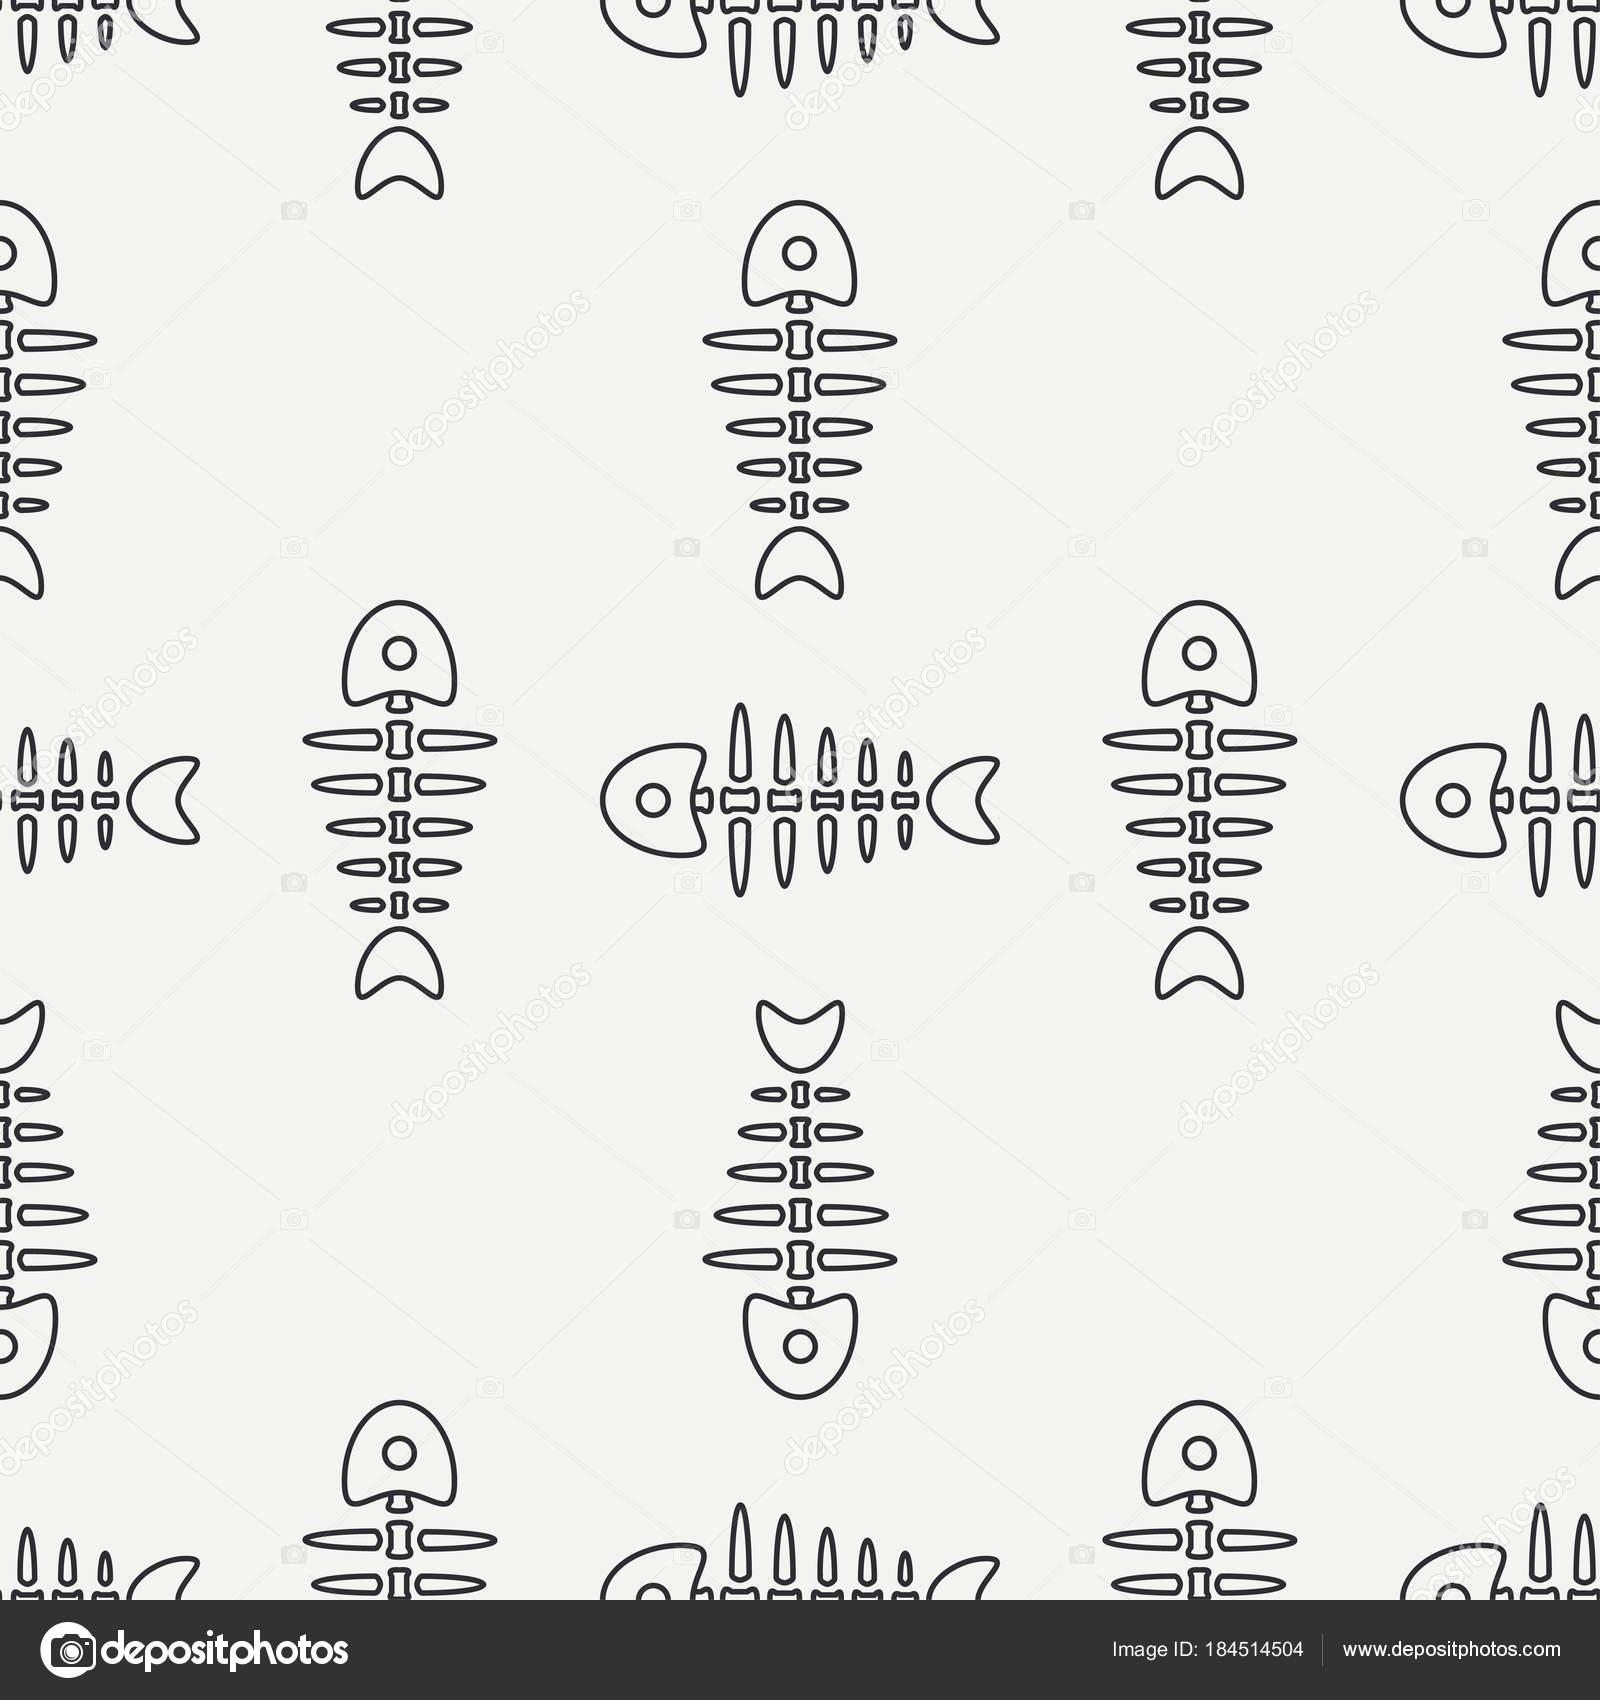 フラット ライン モノクロ ベクターのシームレスなパターン海魚の骨